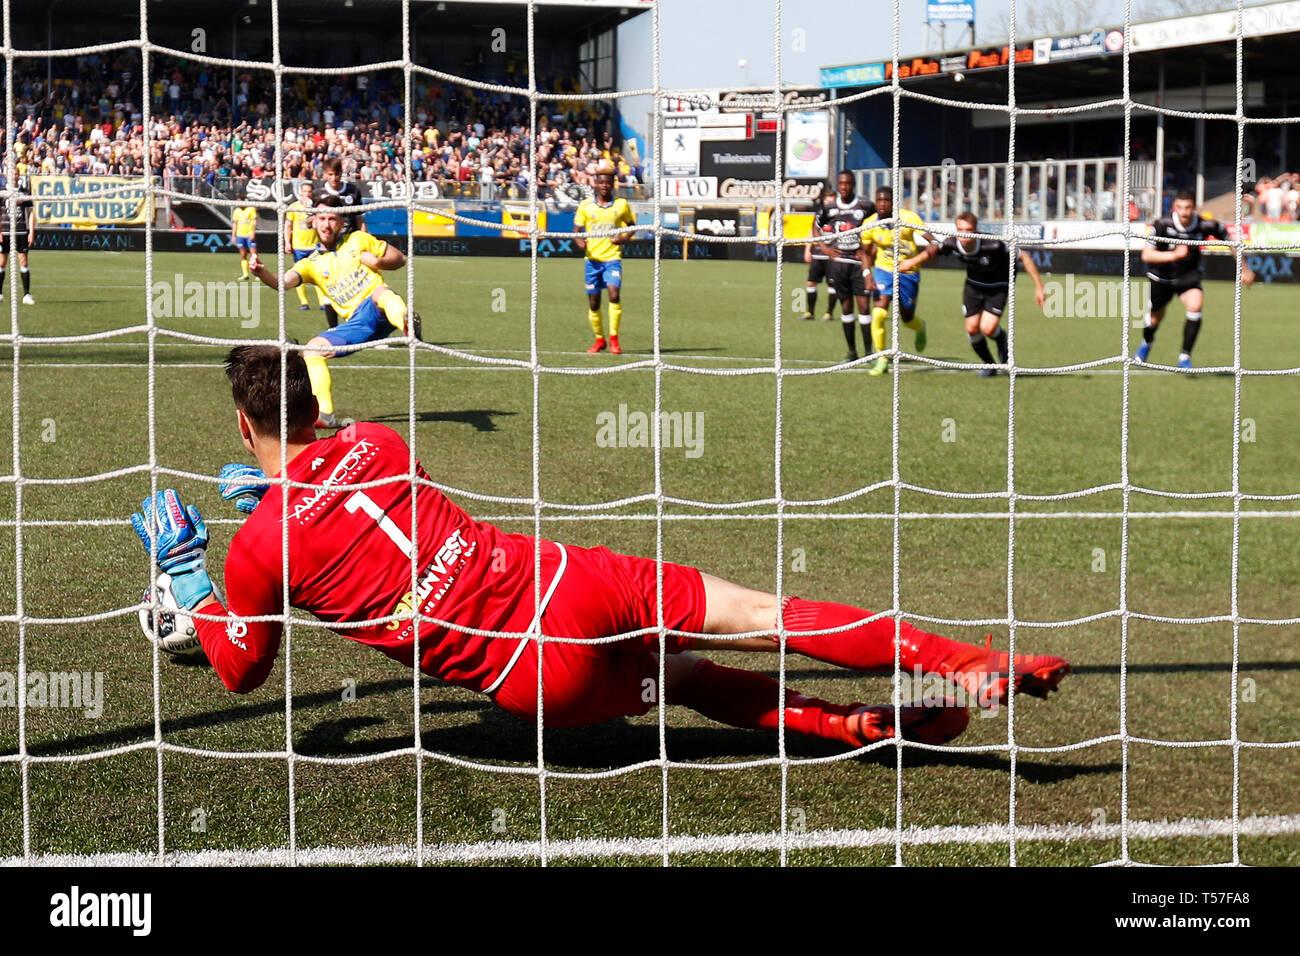 Fa Ar Van Der Steen.Leeuwarden 22d04 2019 Cambuur Stadion Season 2018